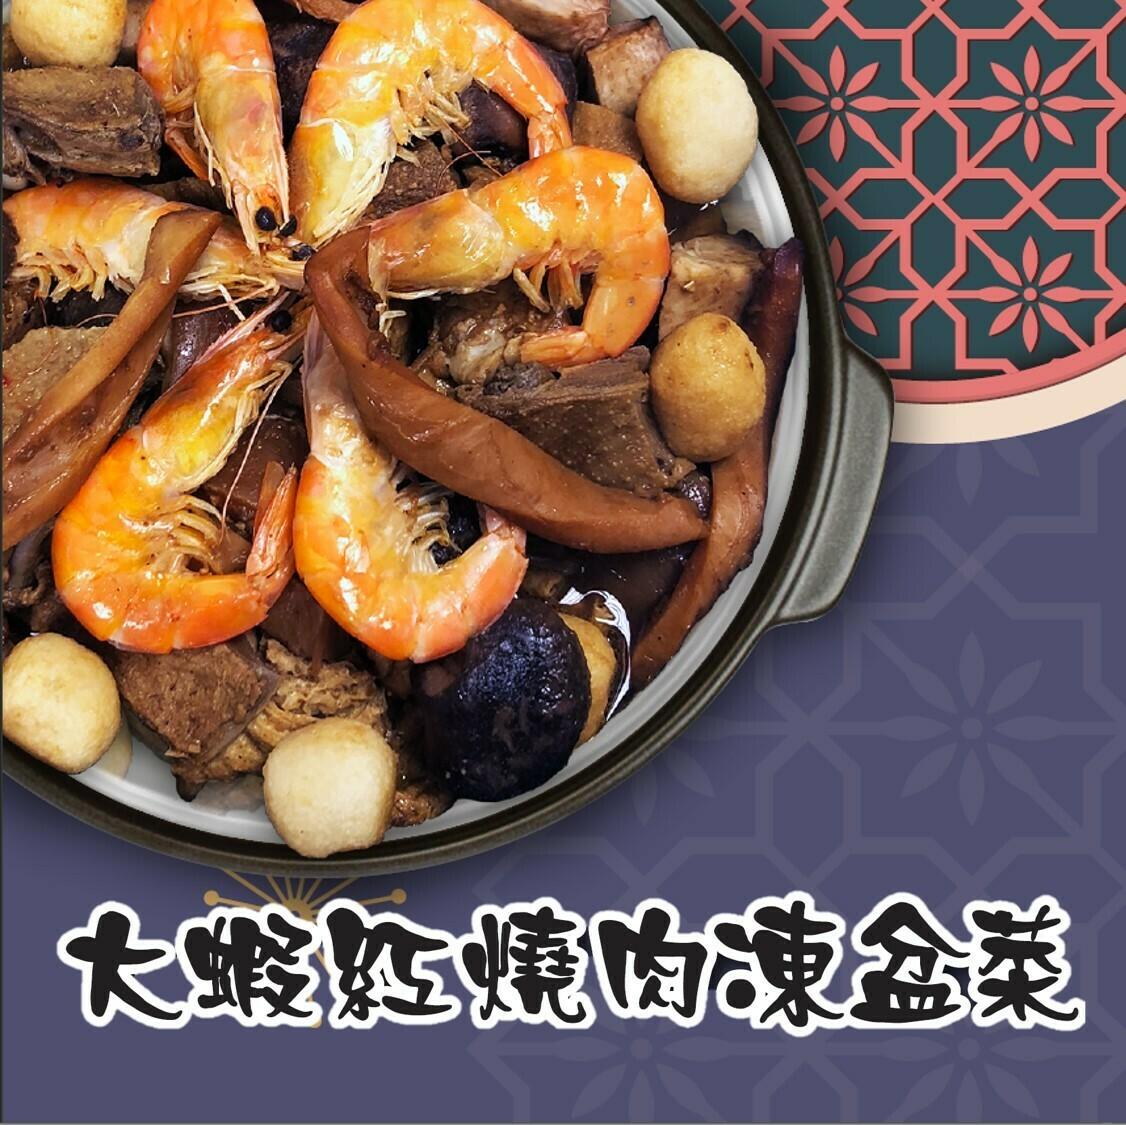 大蝦紅燒肉凍盆菜 (4-6人份)